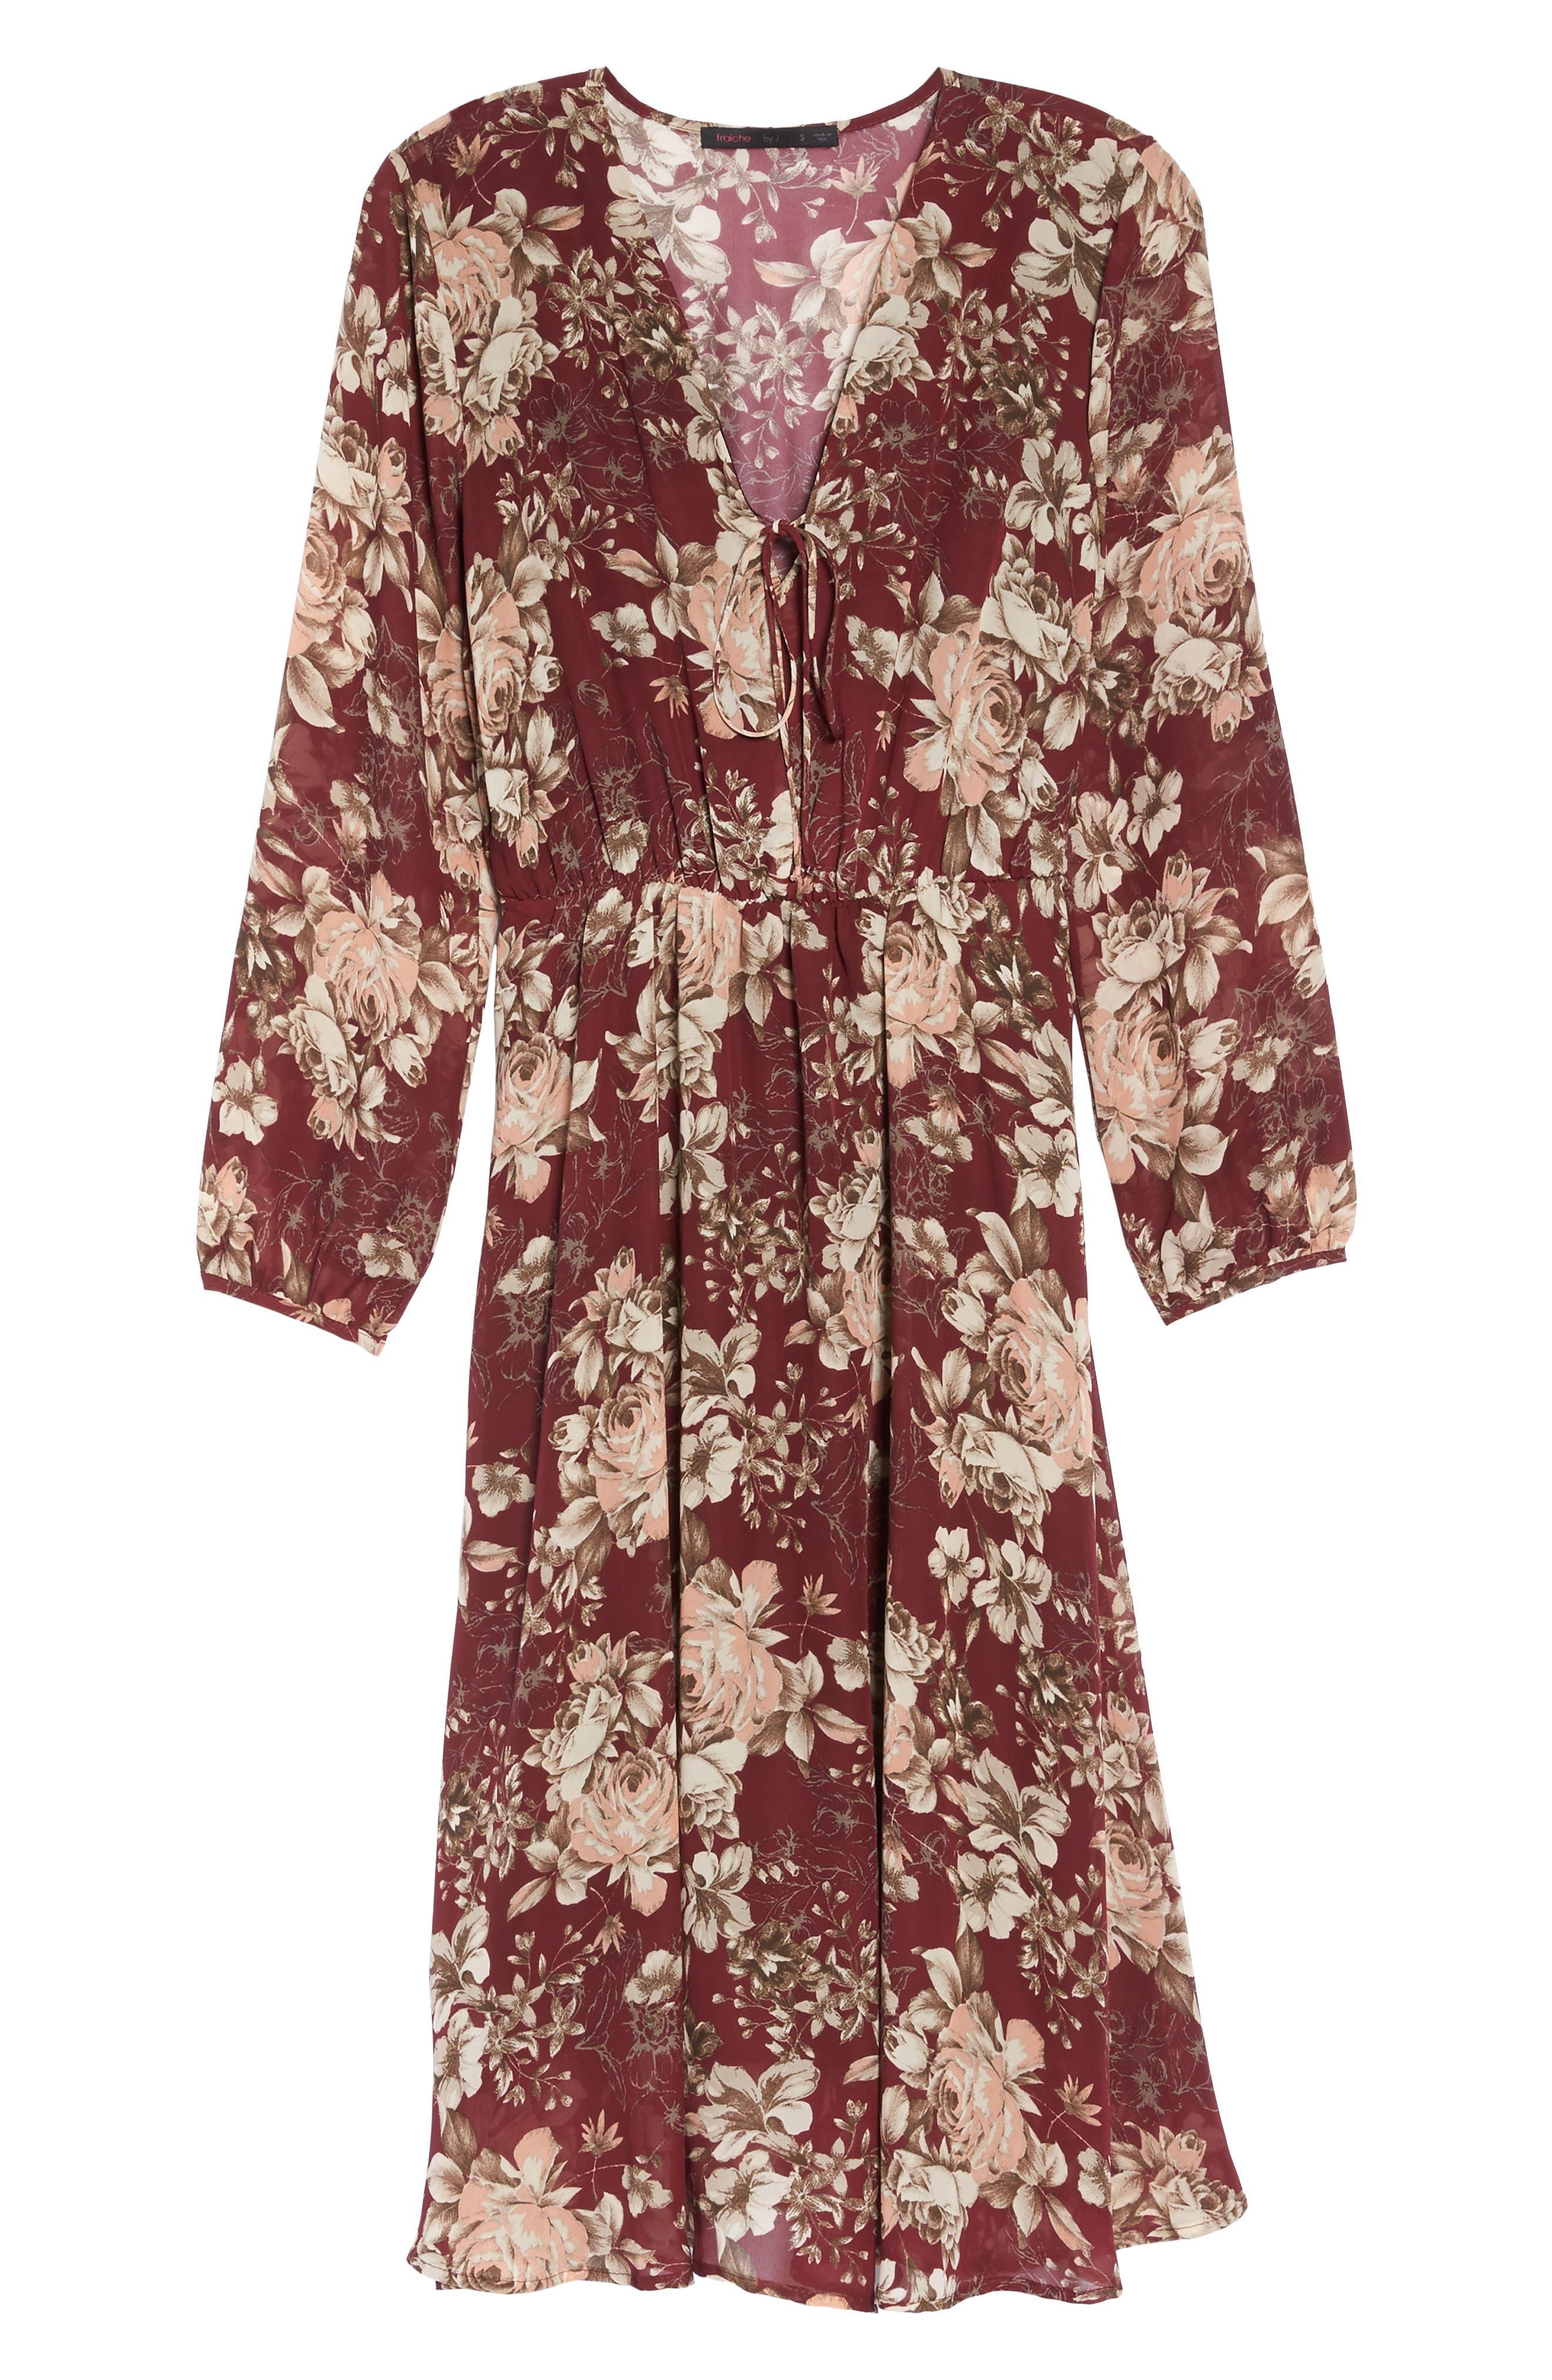 Blouson Midi Dress,                             Alternate thumbnail 6, color,